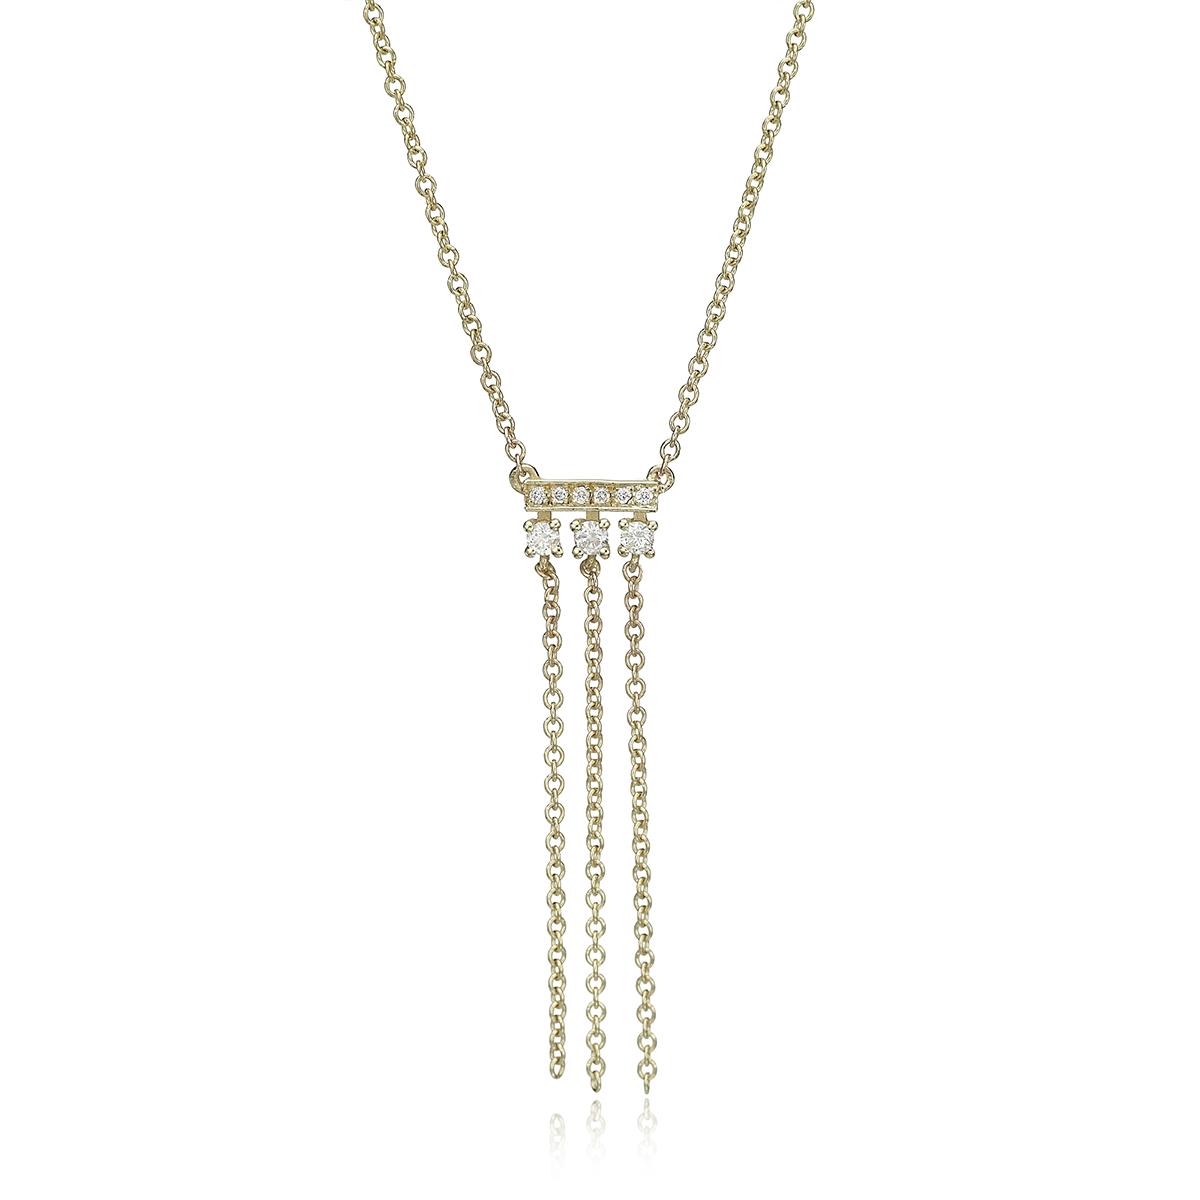 שרשרת זהב ויהלומים עם שרשראות מתנדנדות